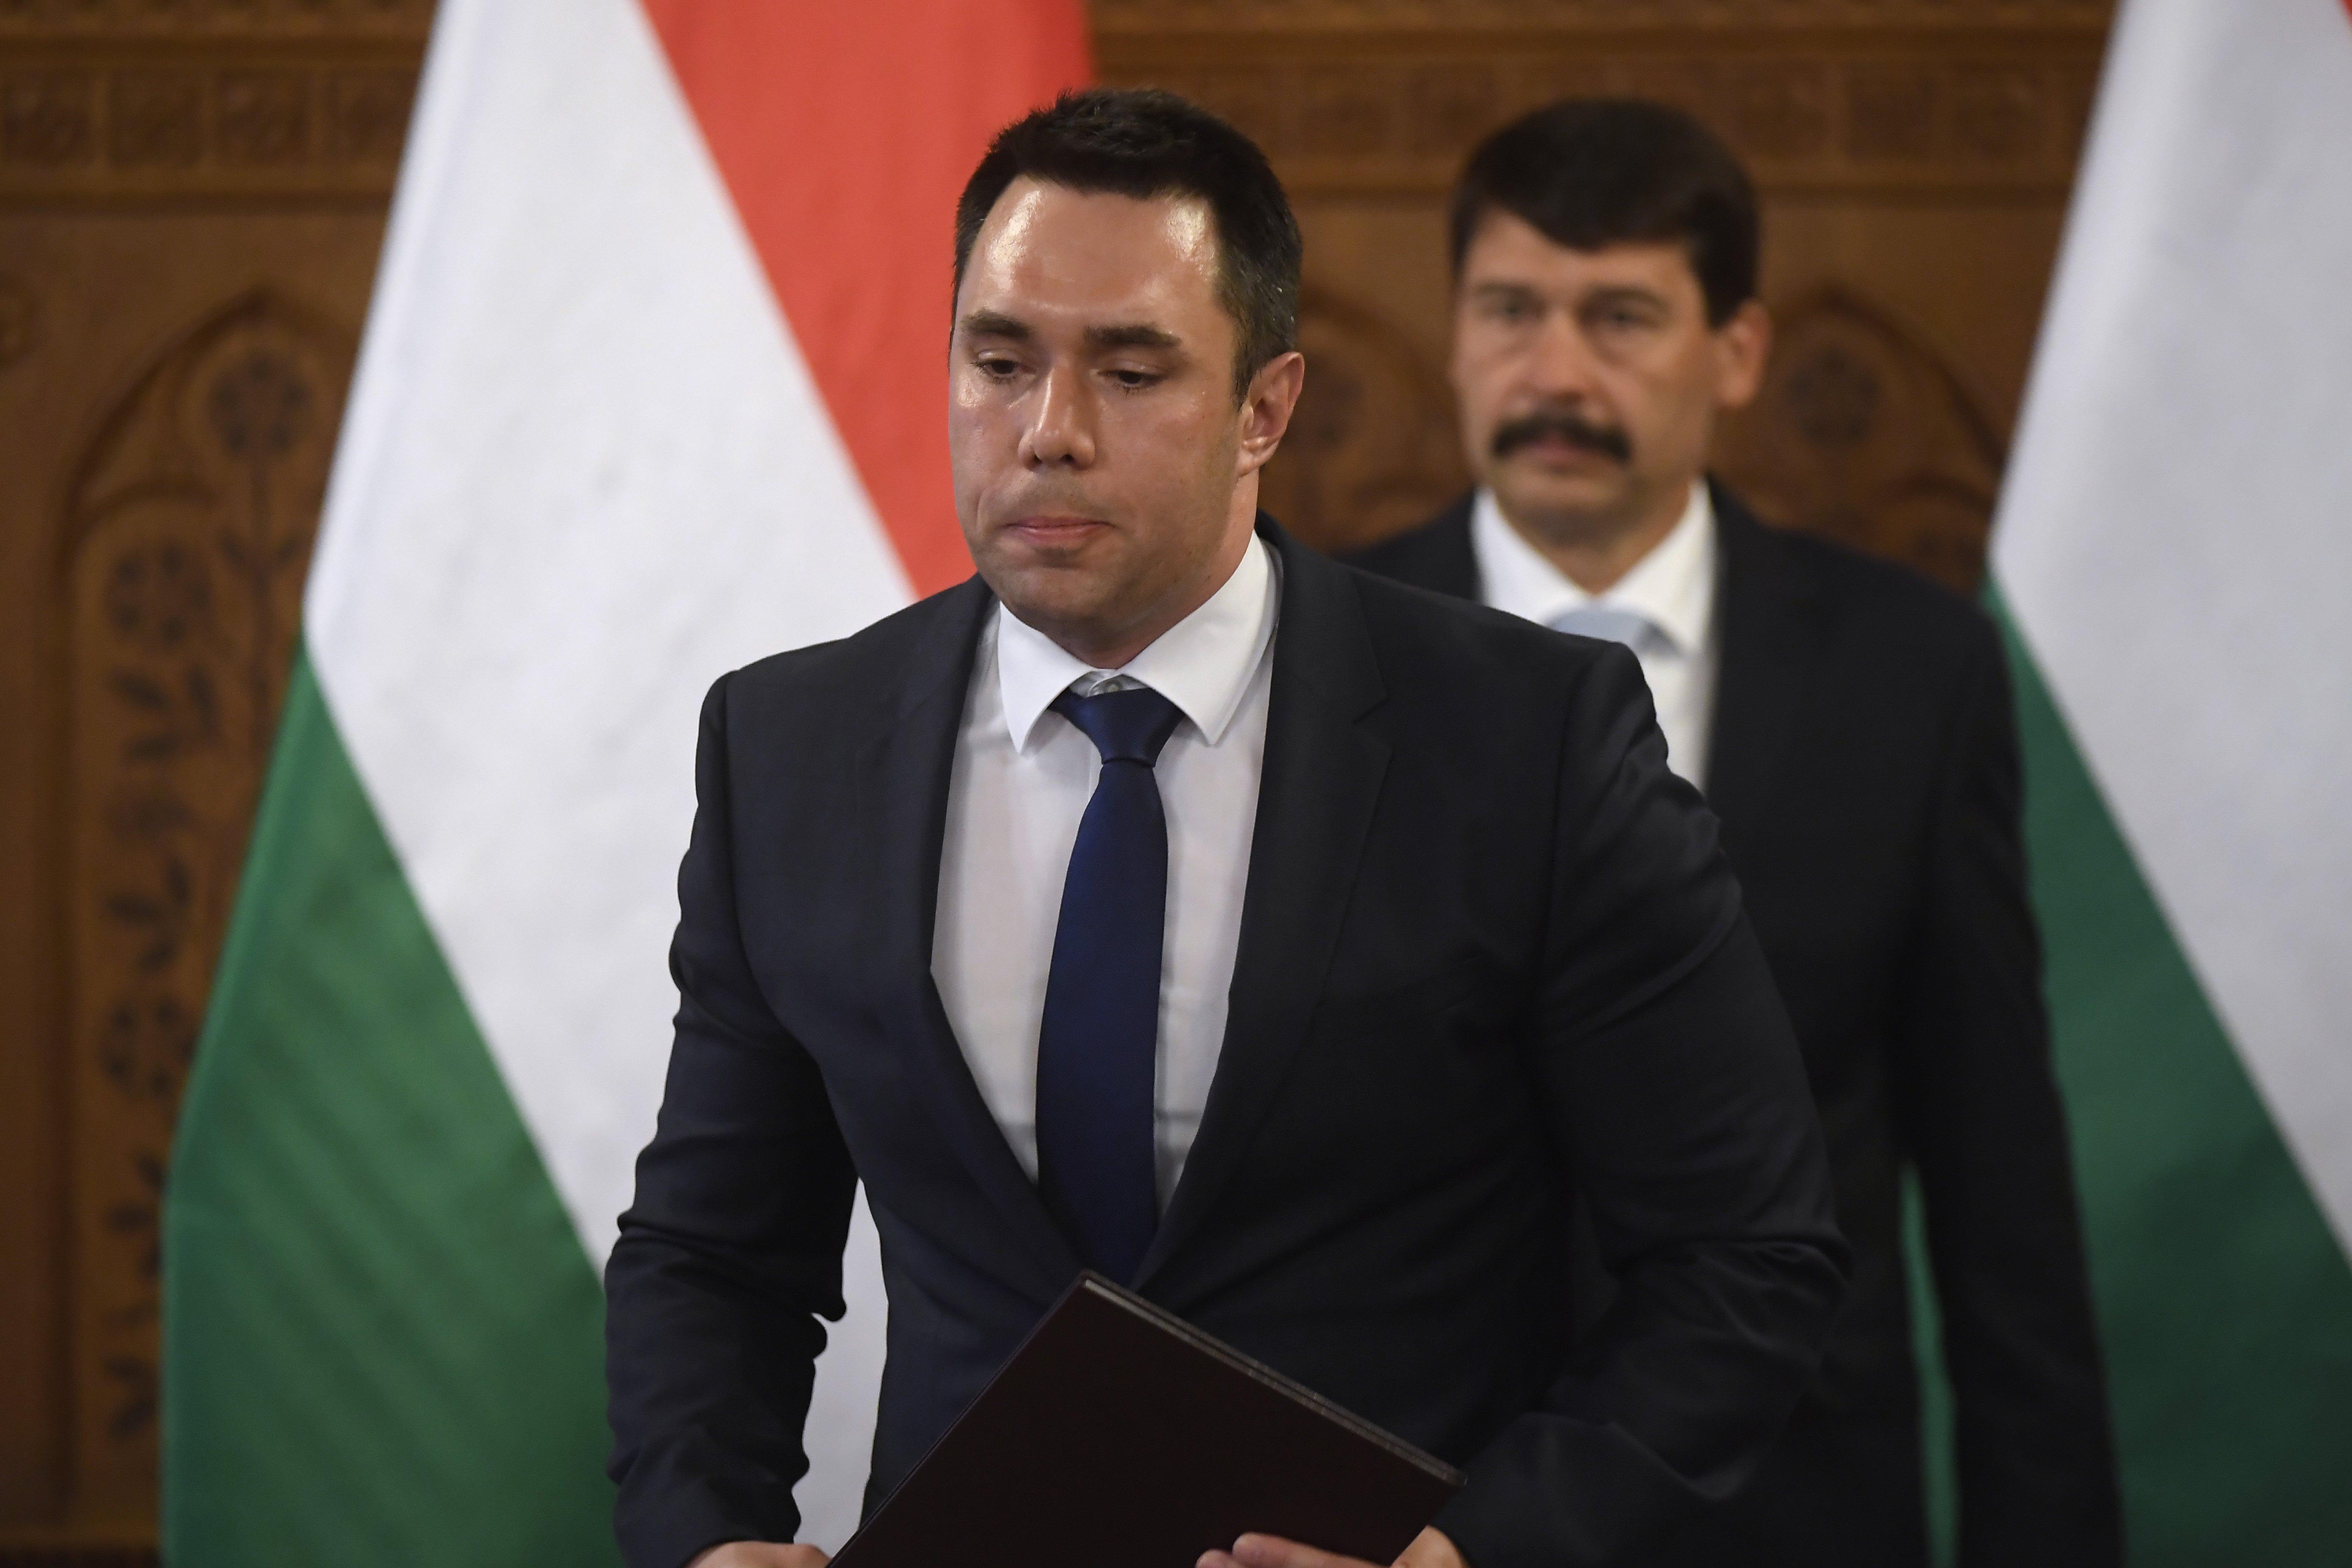 Fontos poszton cserélt államtitkárt Orbán, magyarázat nélkül